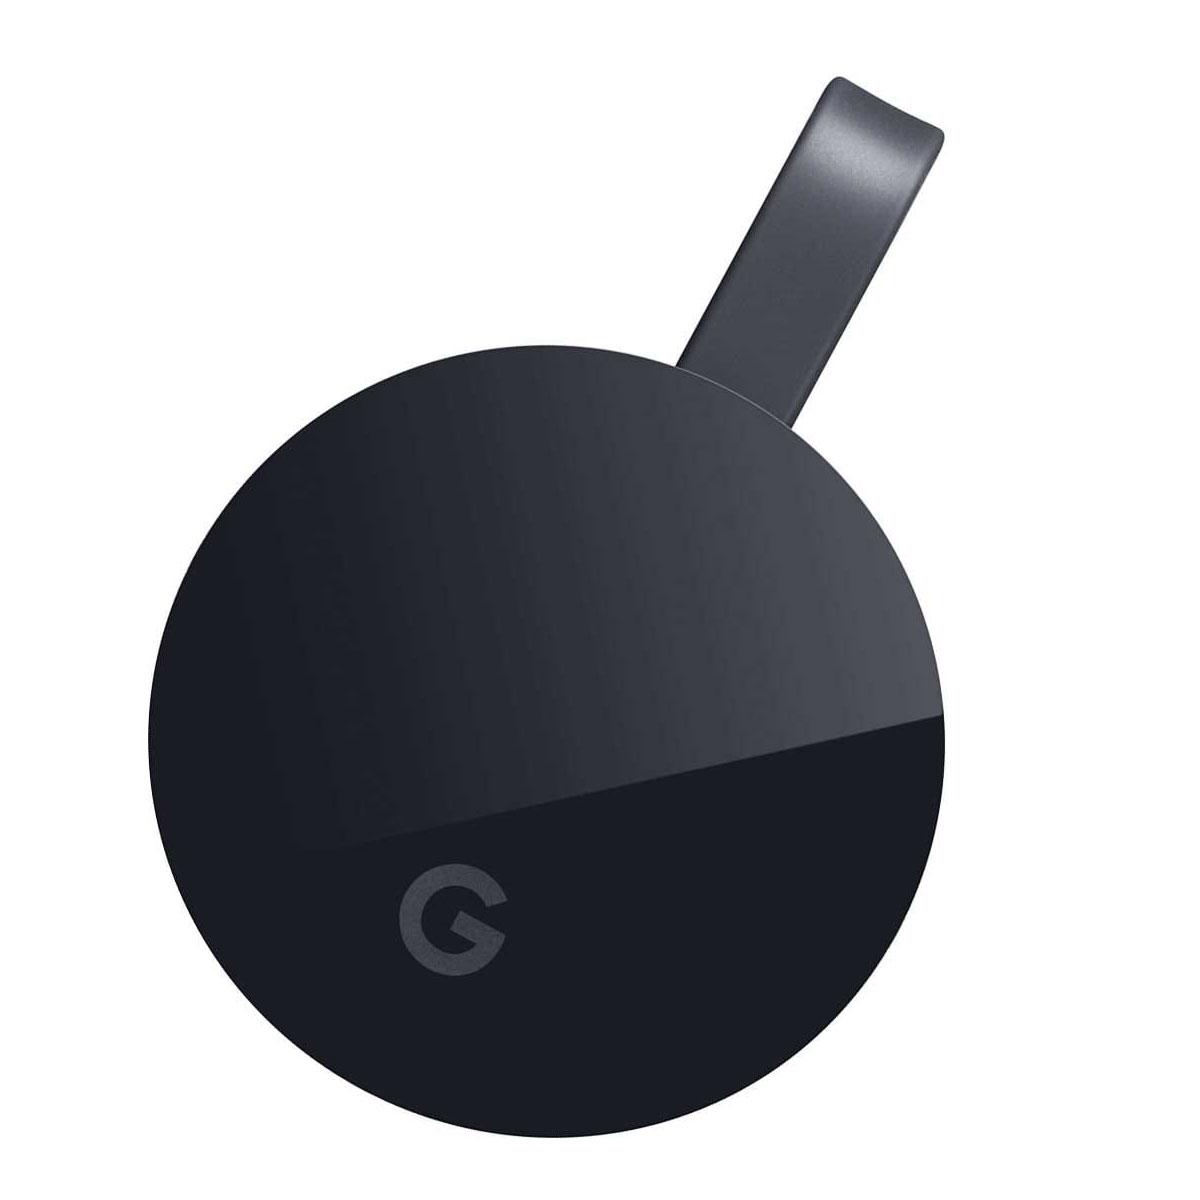 Lecteur multimédia Google Chromecast Ultra Appareil Multimédia de diffusion de contenus 4K Ultra HD et HDR sur port HDMI pour Smartphone et Tablette